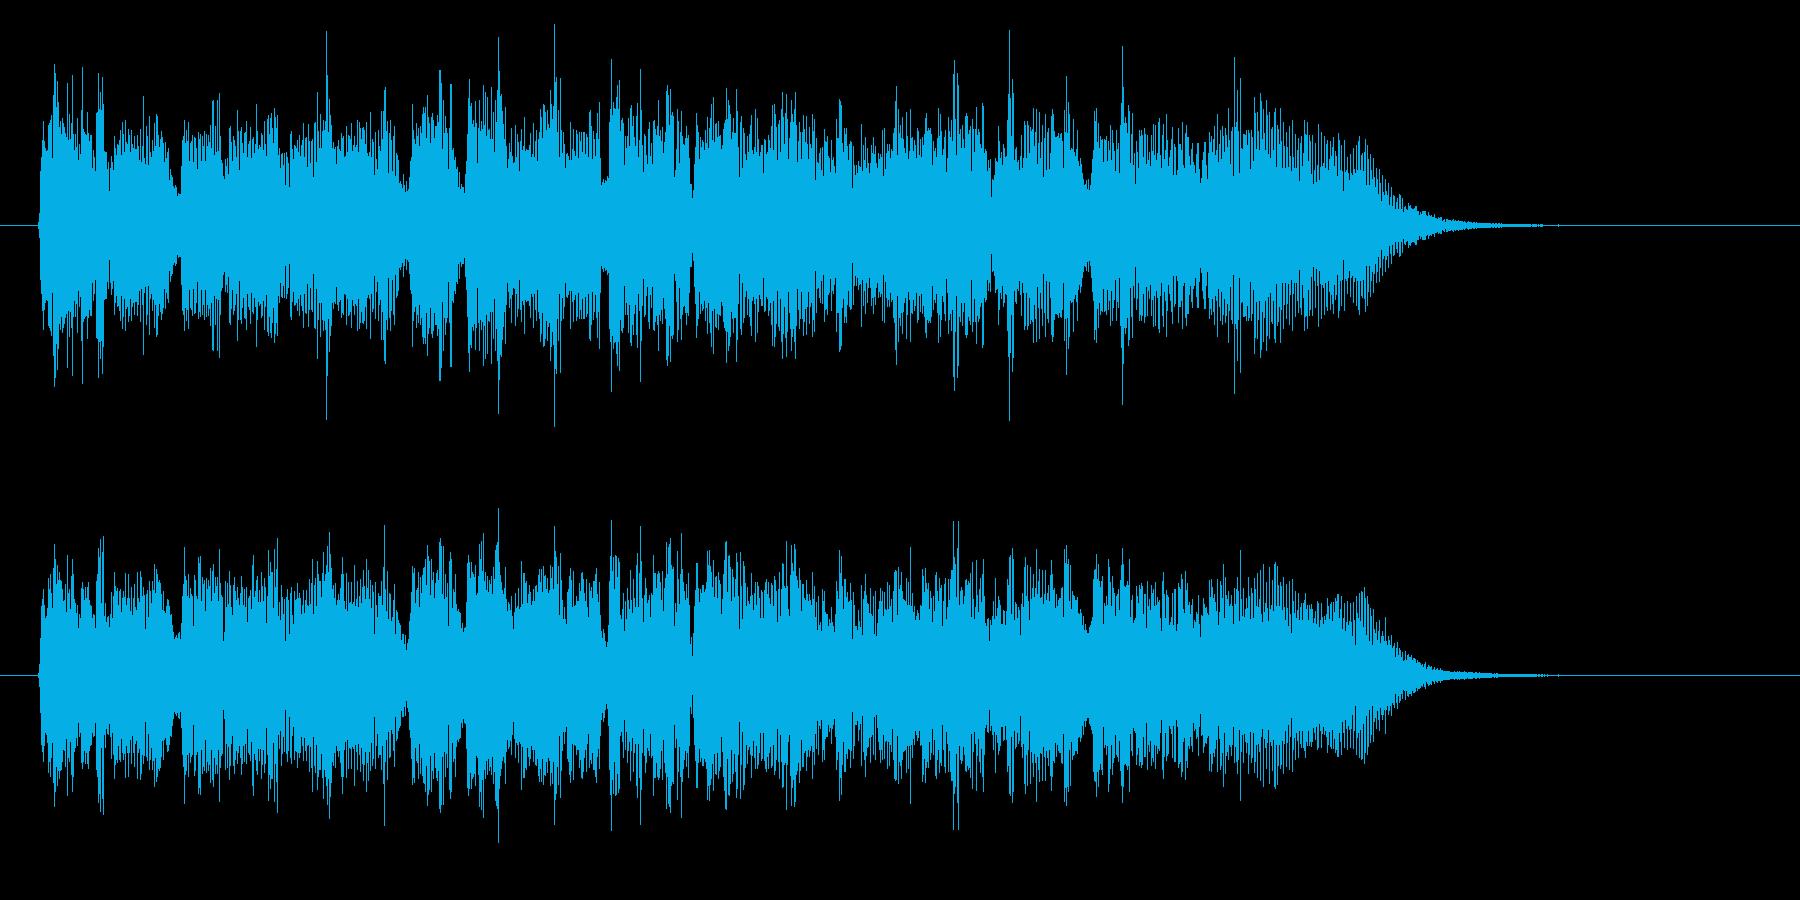 マイナーで不思議なシンセジングルの再生済みの波形